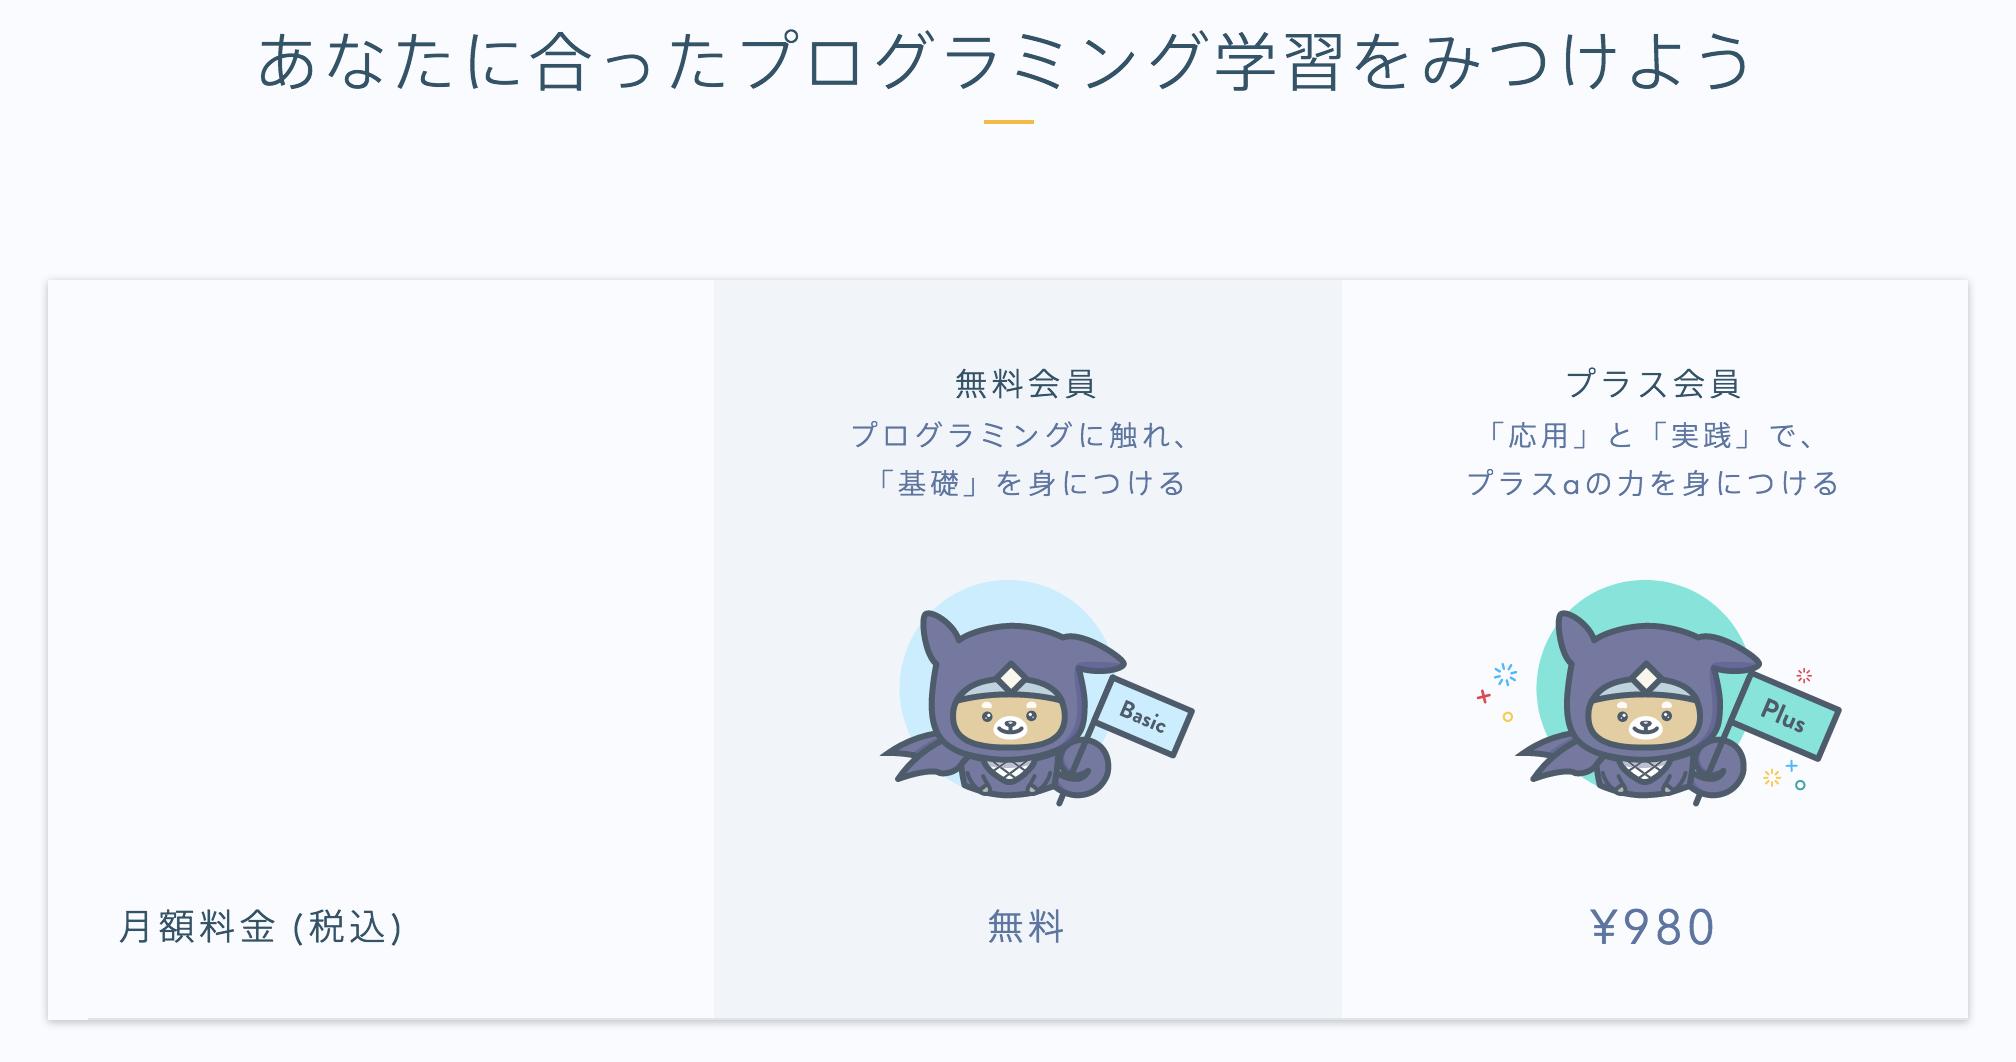 スクリーンショット 2018-02-04 12.25.40